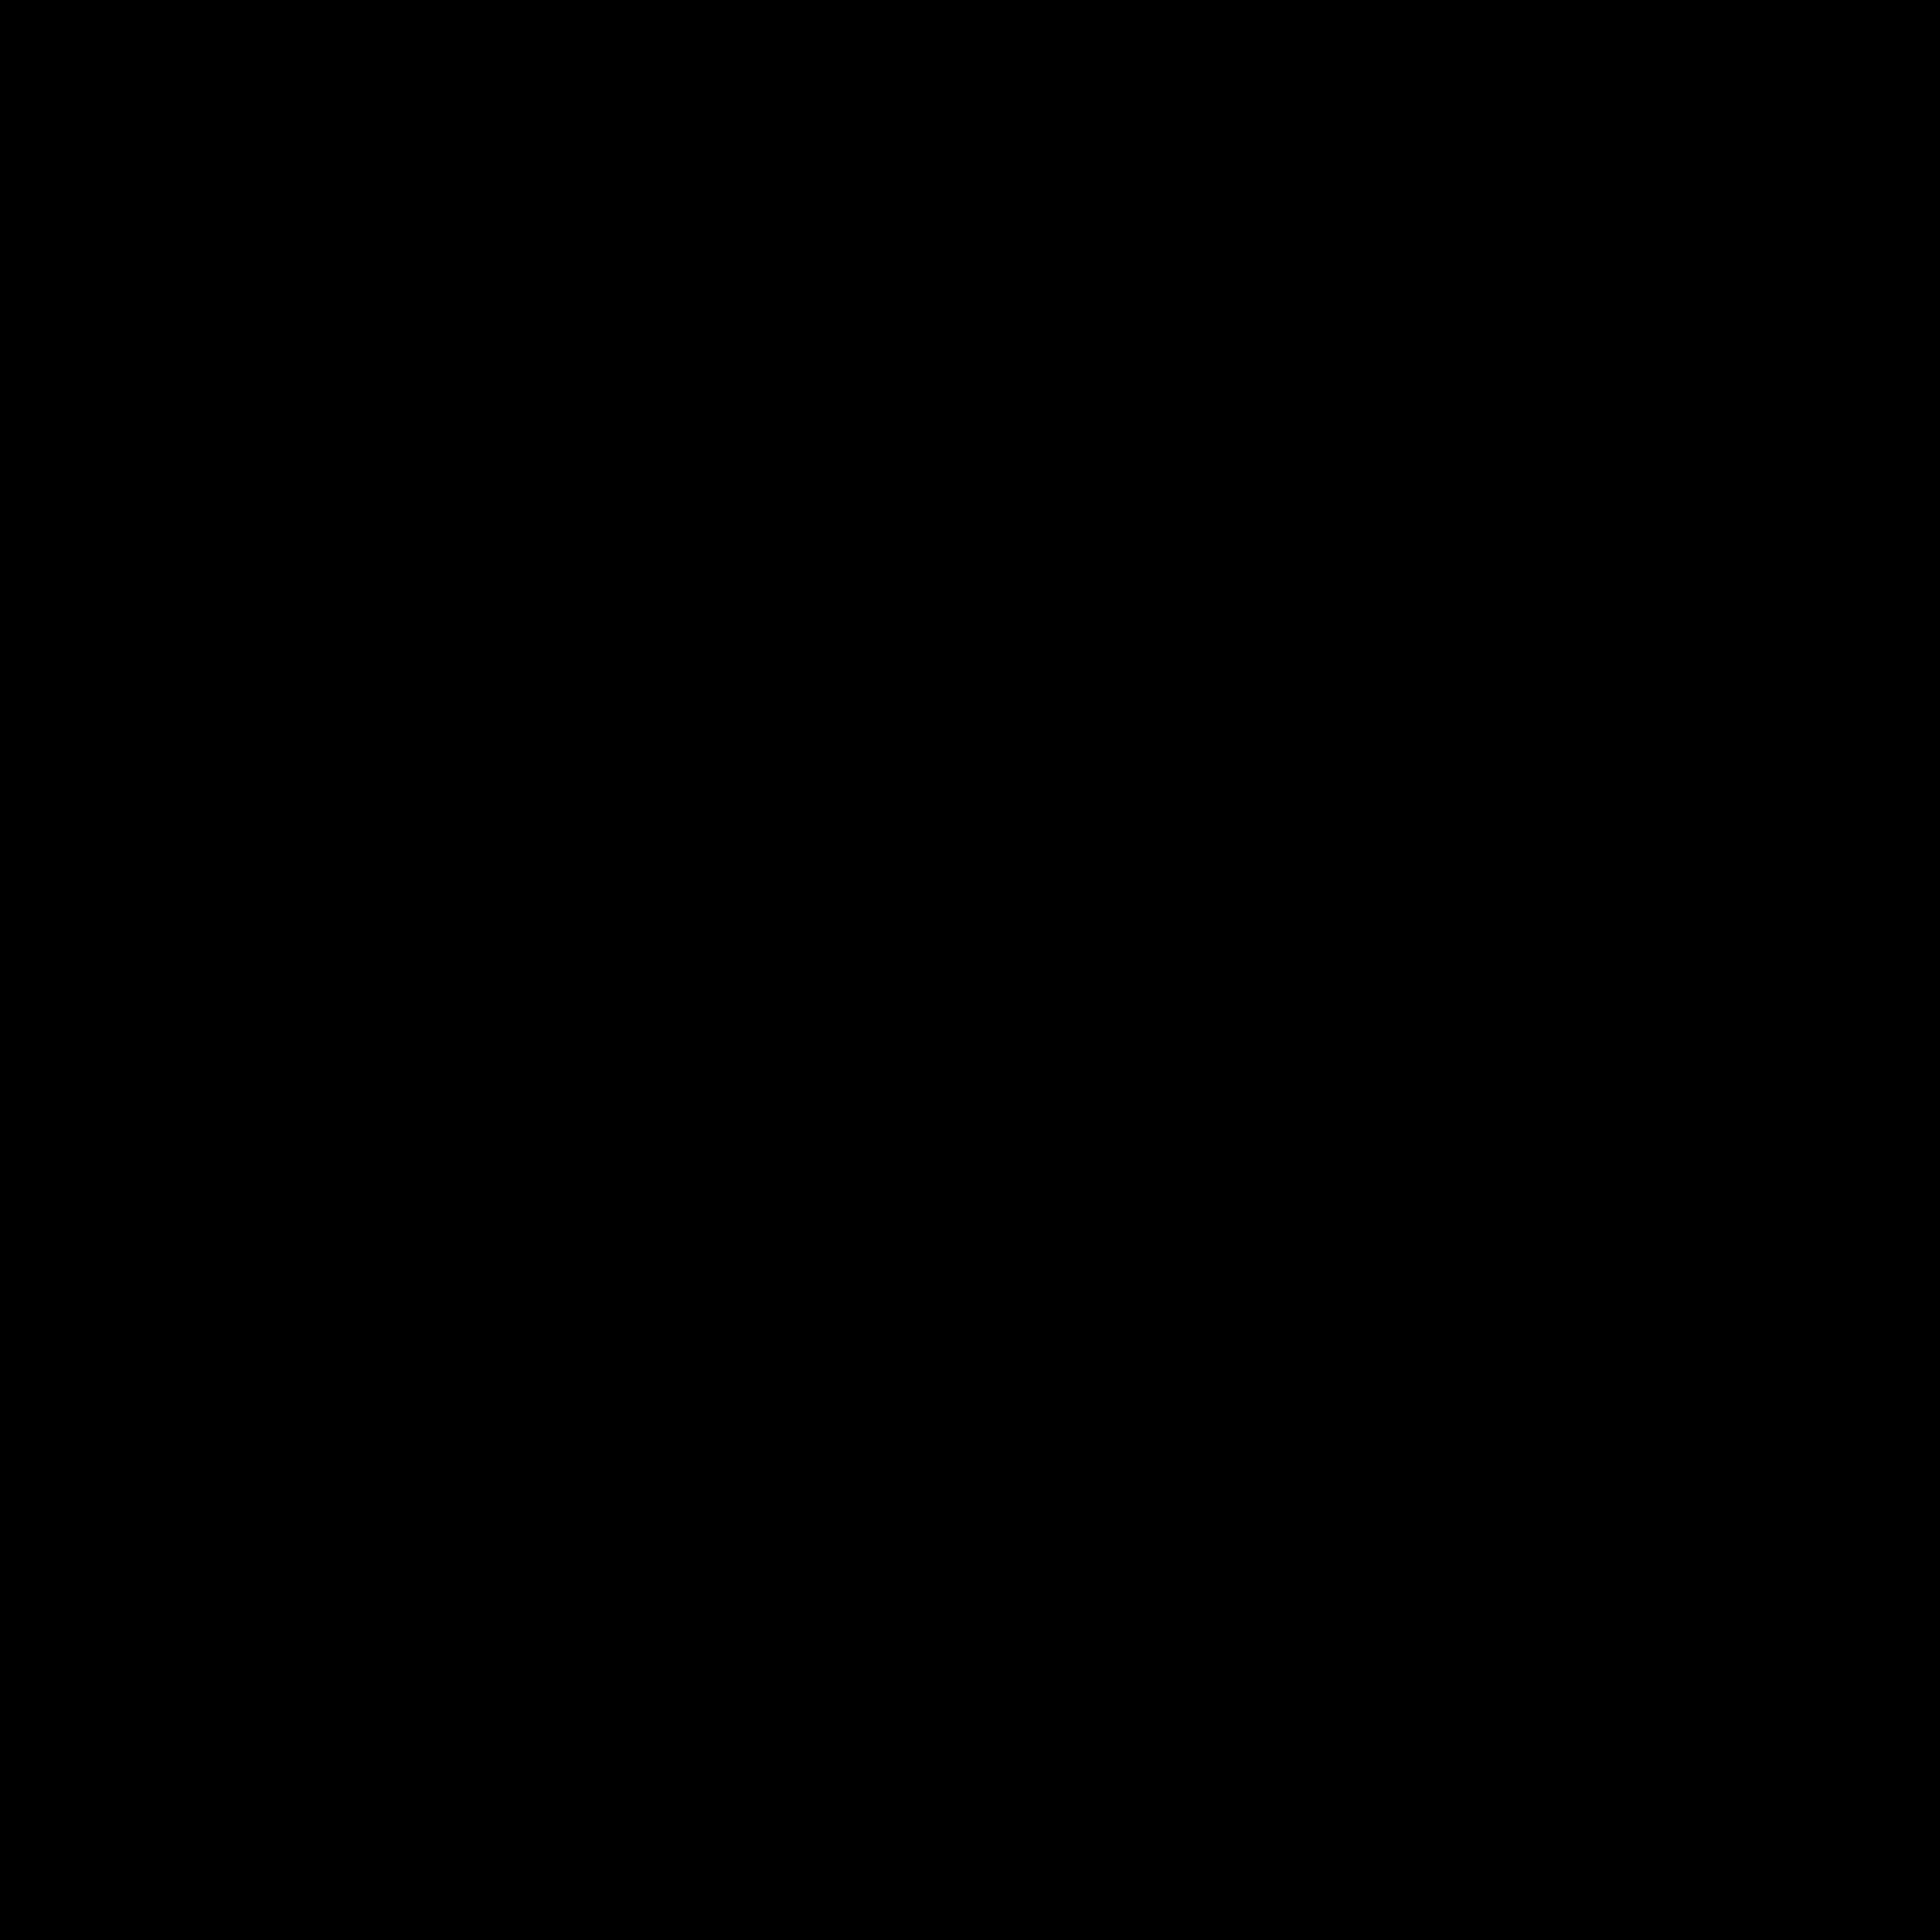 1xfefhlbk7u21.png